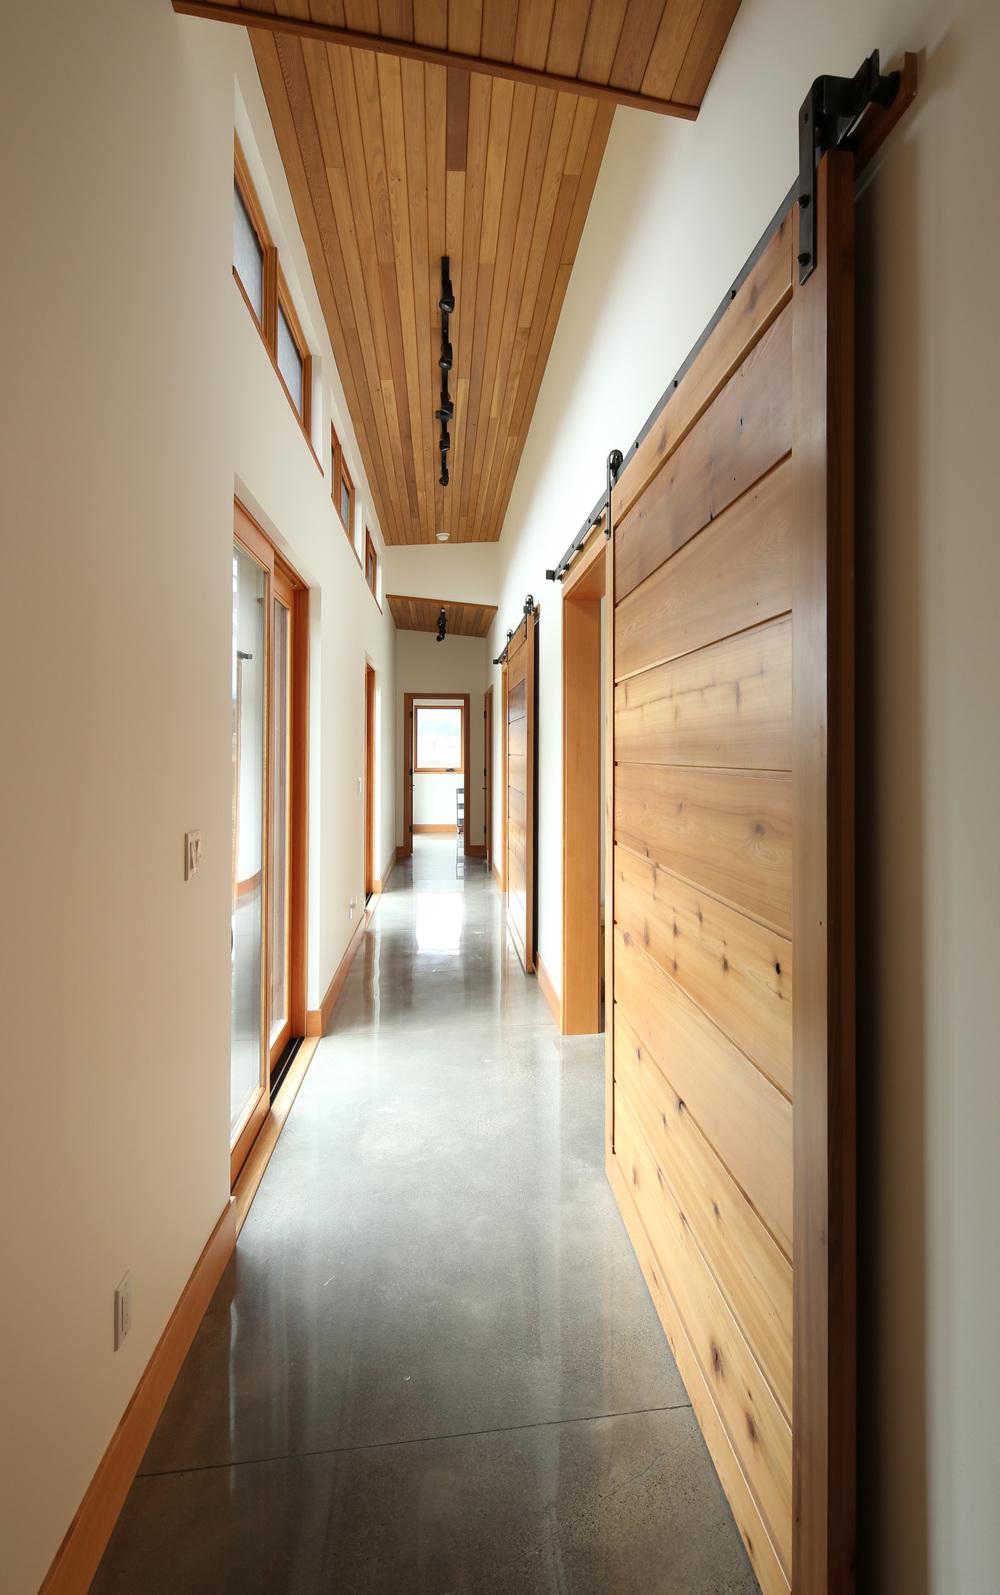 Trout corridor 2 VERT.JPG